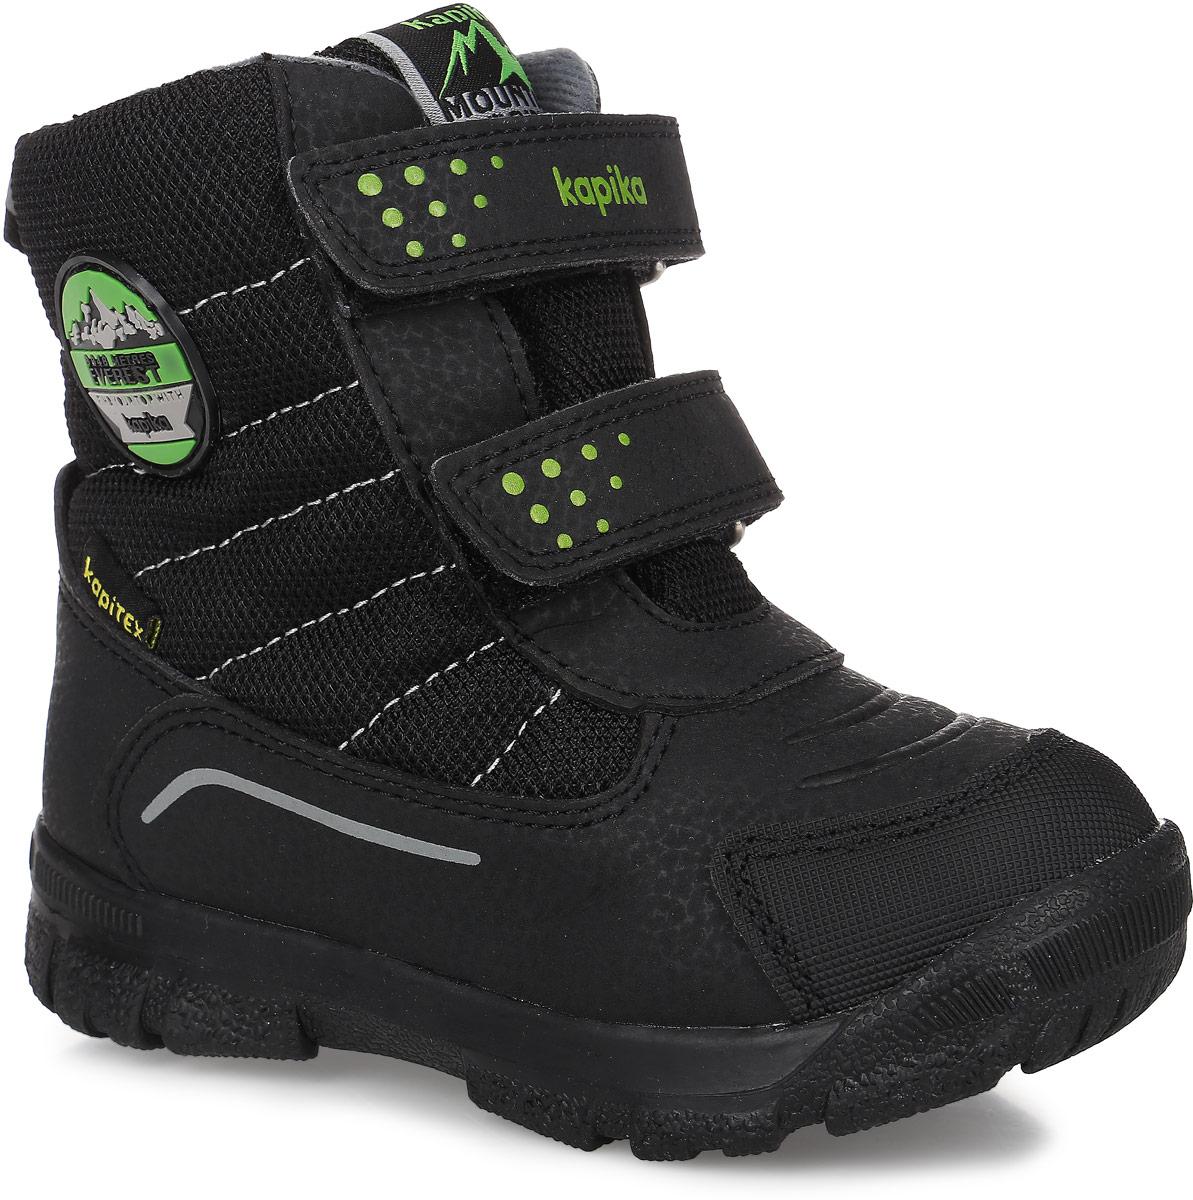 42198-1Ботинки от Kapika придутся по душе вашему мальчику. Модель сохраняет комфортный микроклимат в обуви как при ношении на улице, так и в помещении. Верх обуви изготовлен из искусственной кожи со вставками из водонепроницаемого текстиля, язычок, верхний ремешок и боковая сторона декорированы фирменным логотипом бренда. Два ремешка на застежке-липучке надежно зафиксируют изделие на ноге. Подкладка и стелька изготовлены из натуральной шерсти, что позволяет сохранить тепло и гарантирует уют ногам. Подошва с рифлением обеспечивает идеальное сцепление с любыми поверхностями. Такие чудесные ботинки займут достойное место в гардеробе вашего ребенка.